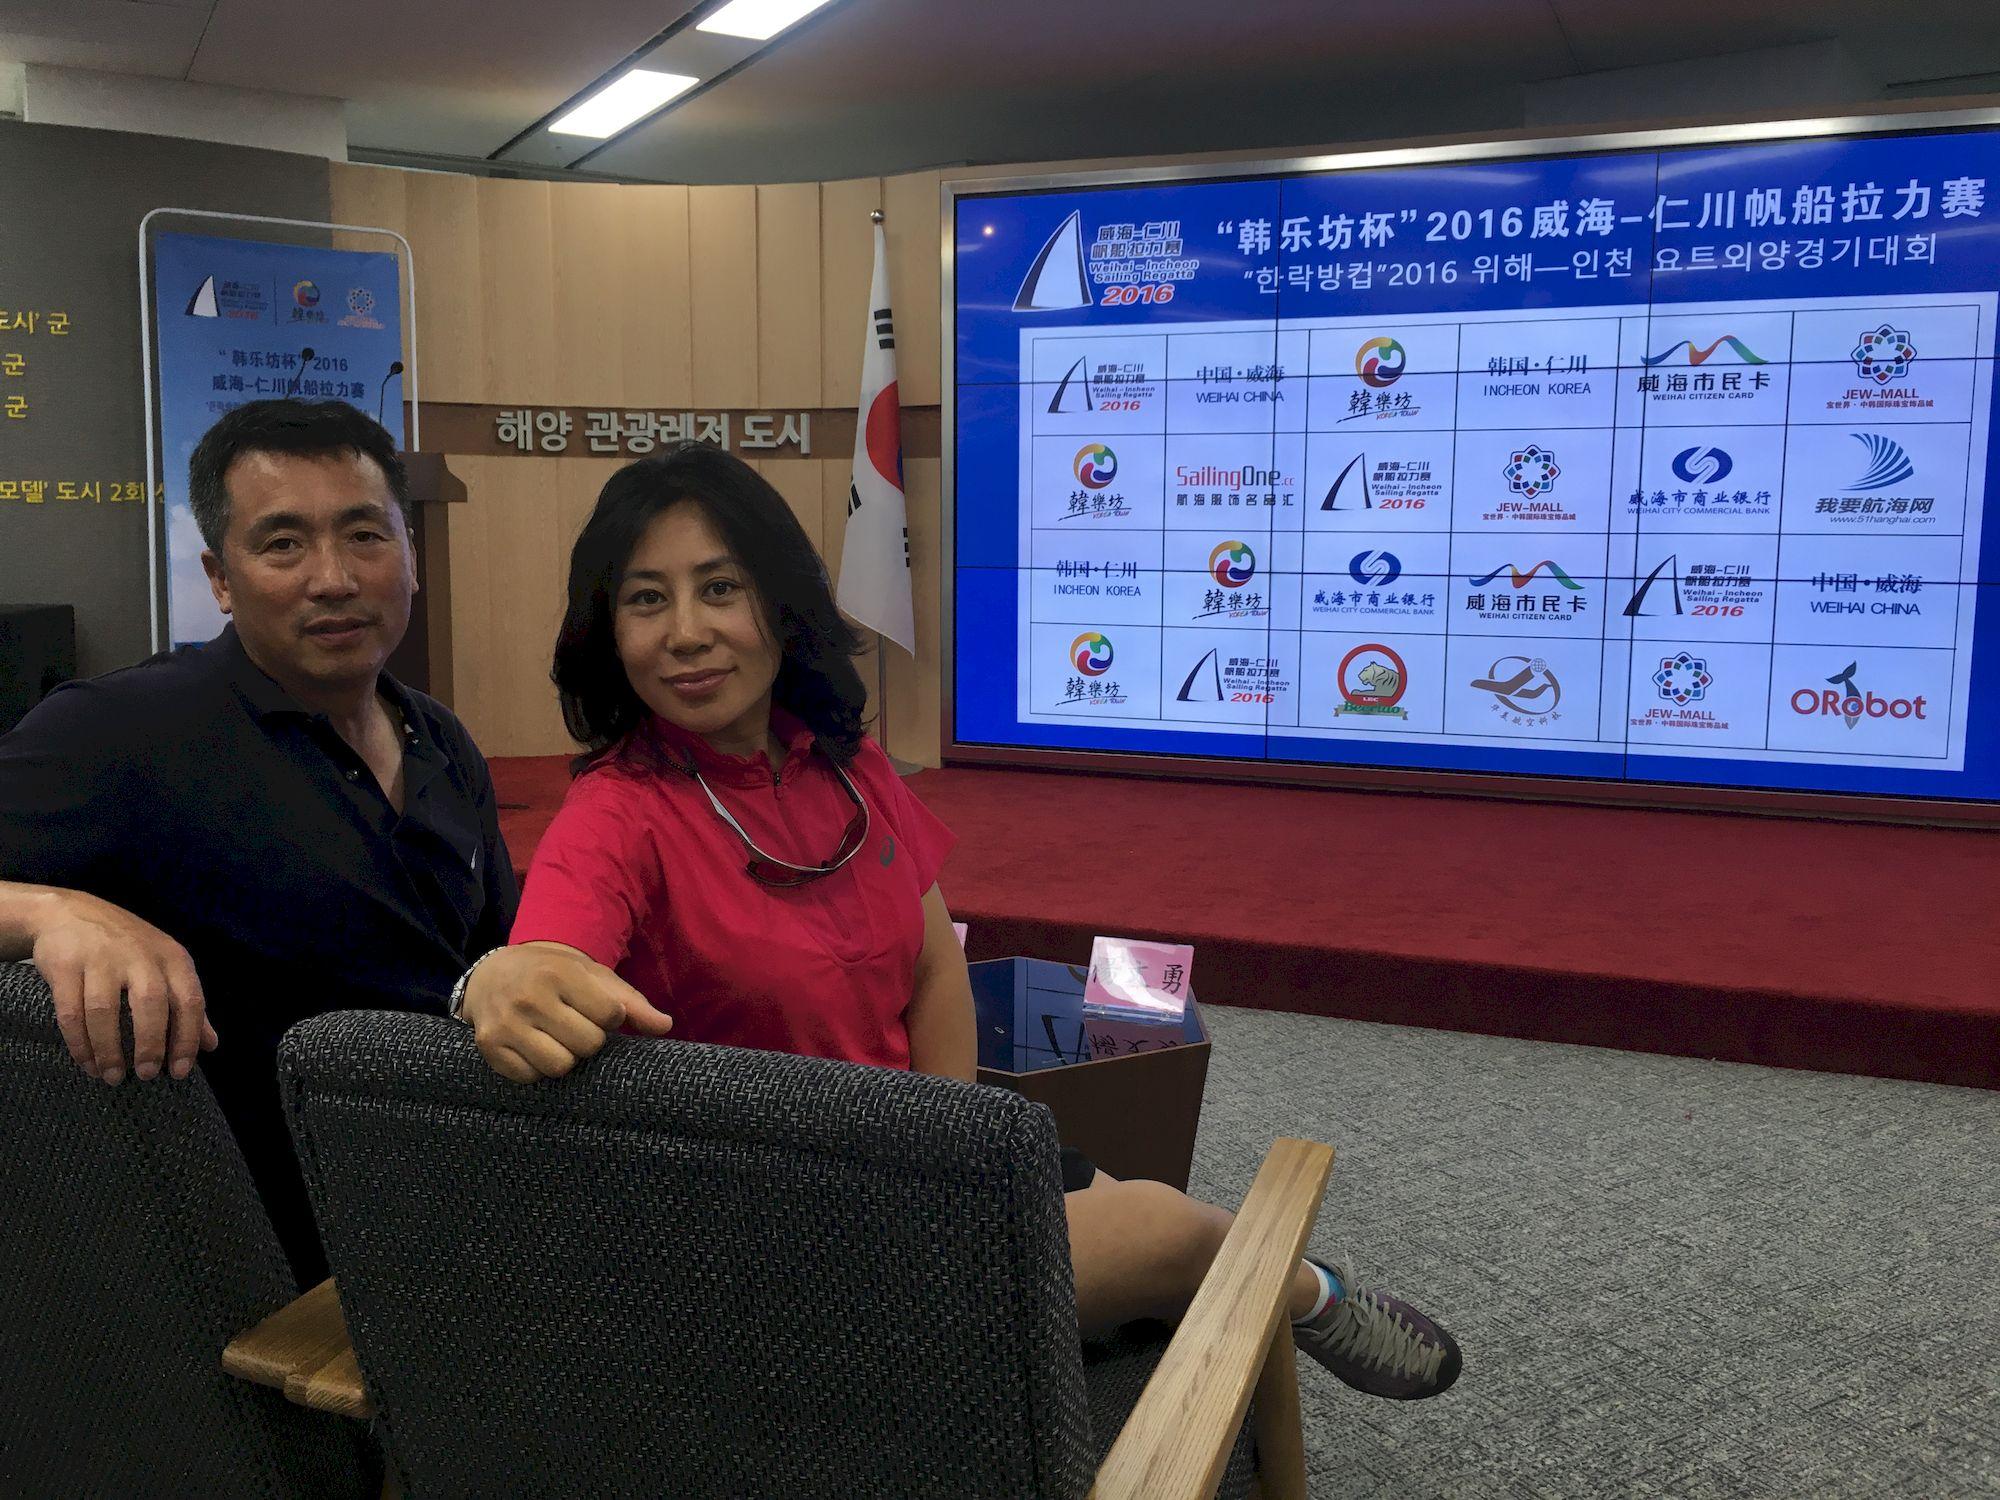 027-IMG_3267_千帆俱乐部我要航海网帆船队-2016威海-仁川国际帆船赛.JPG